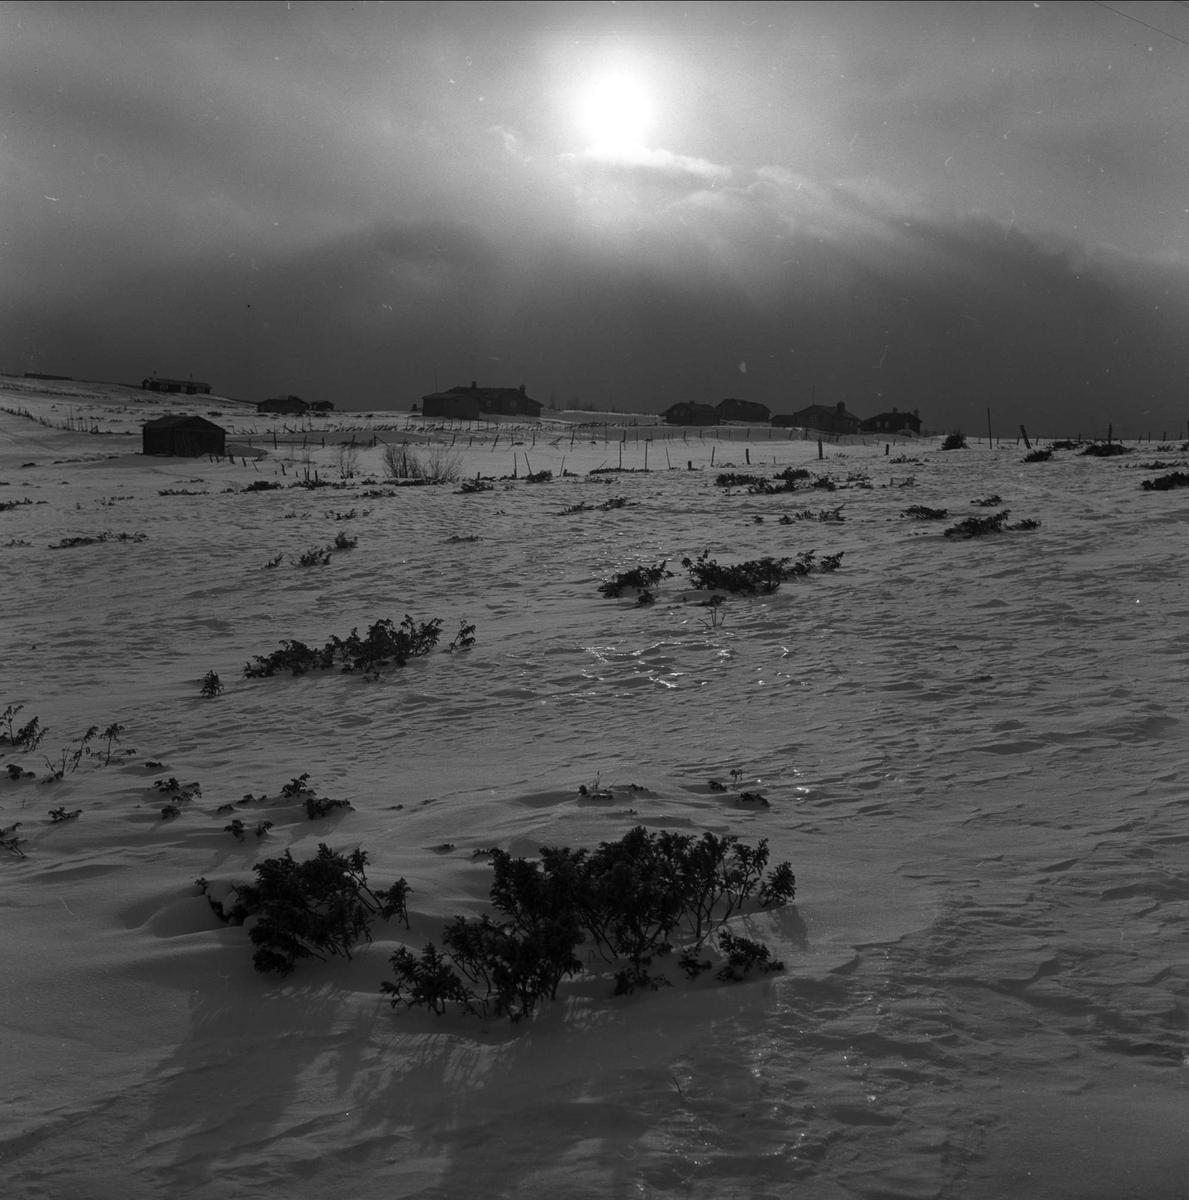 Rondablikk, Nord-Fron. Oppland, påsken 1957. Fjellandskap med setre.